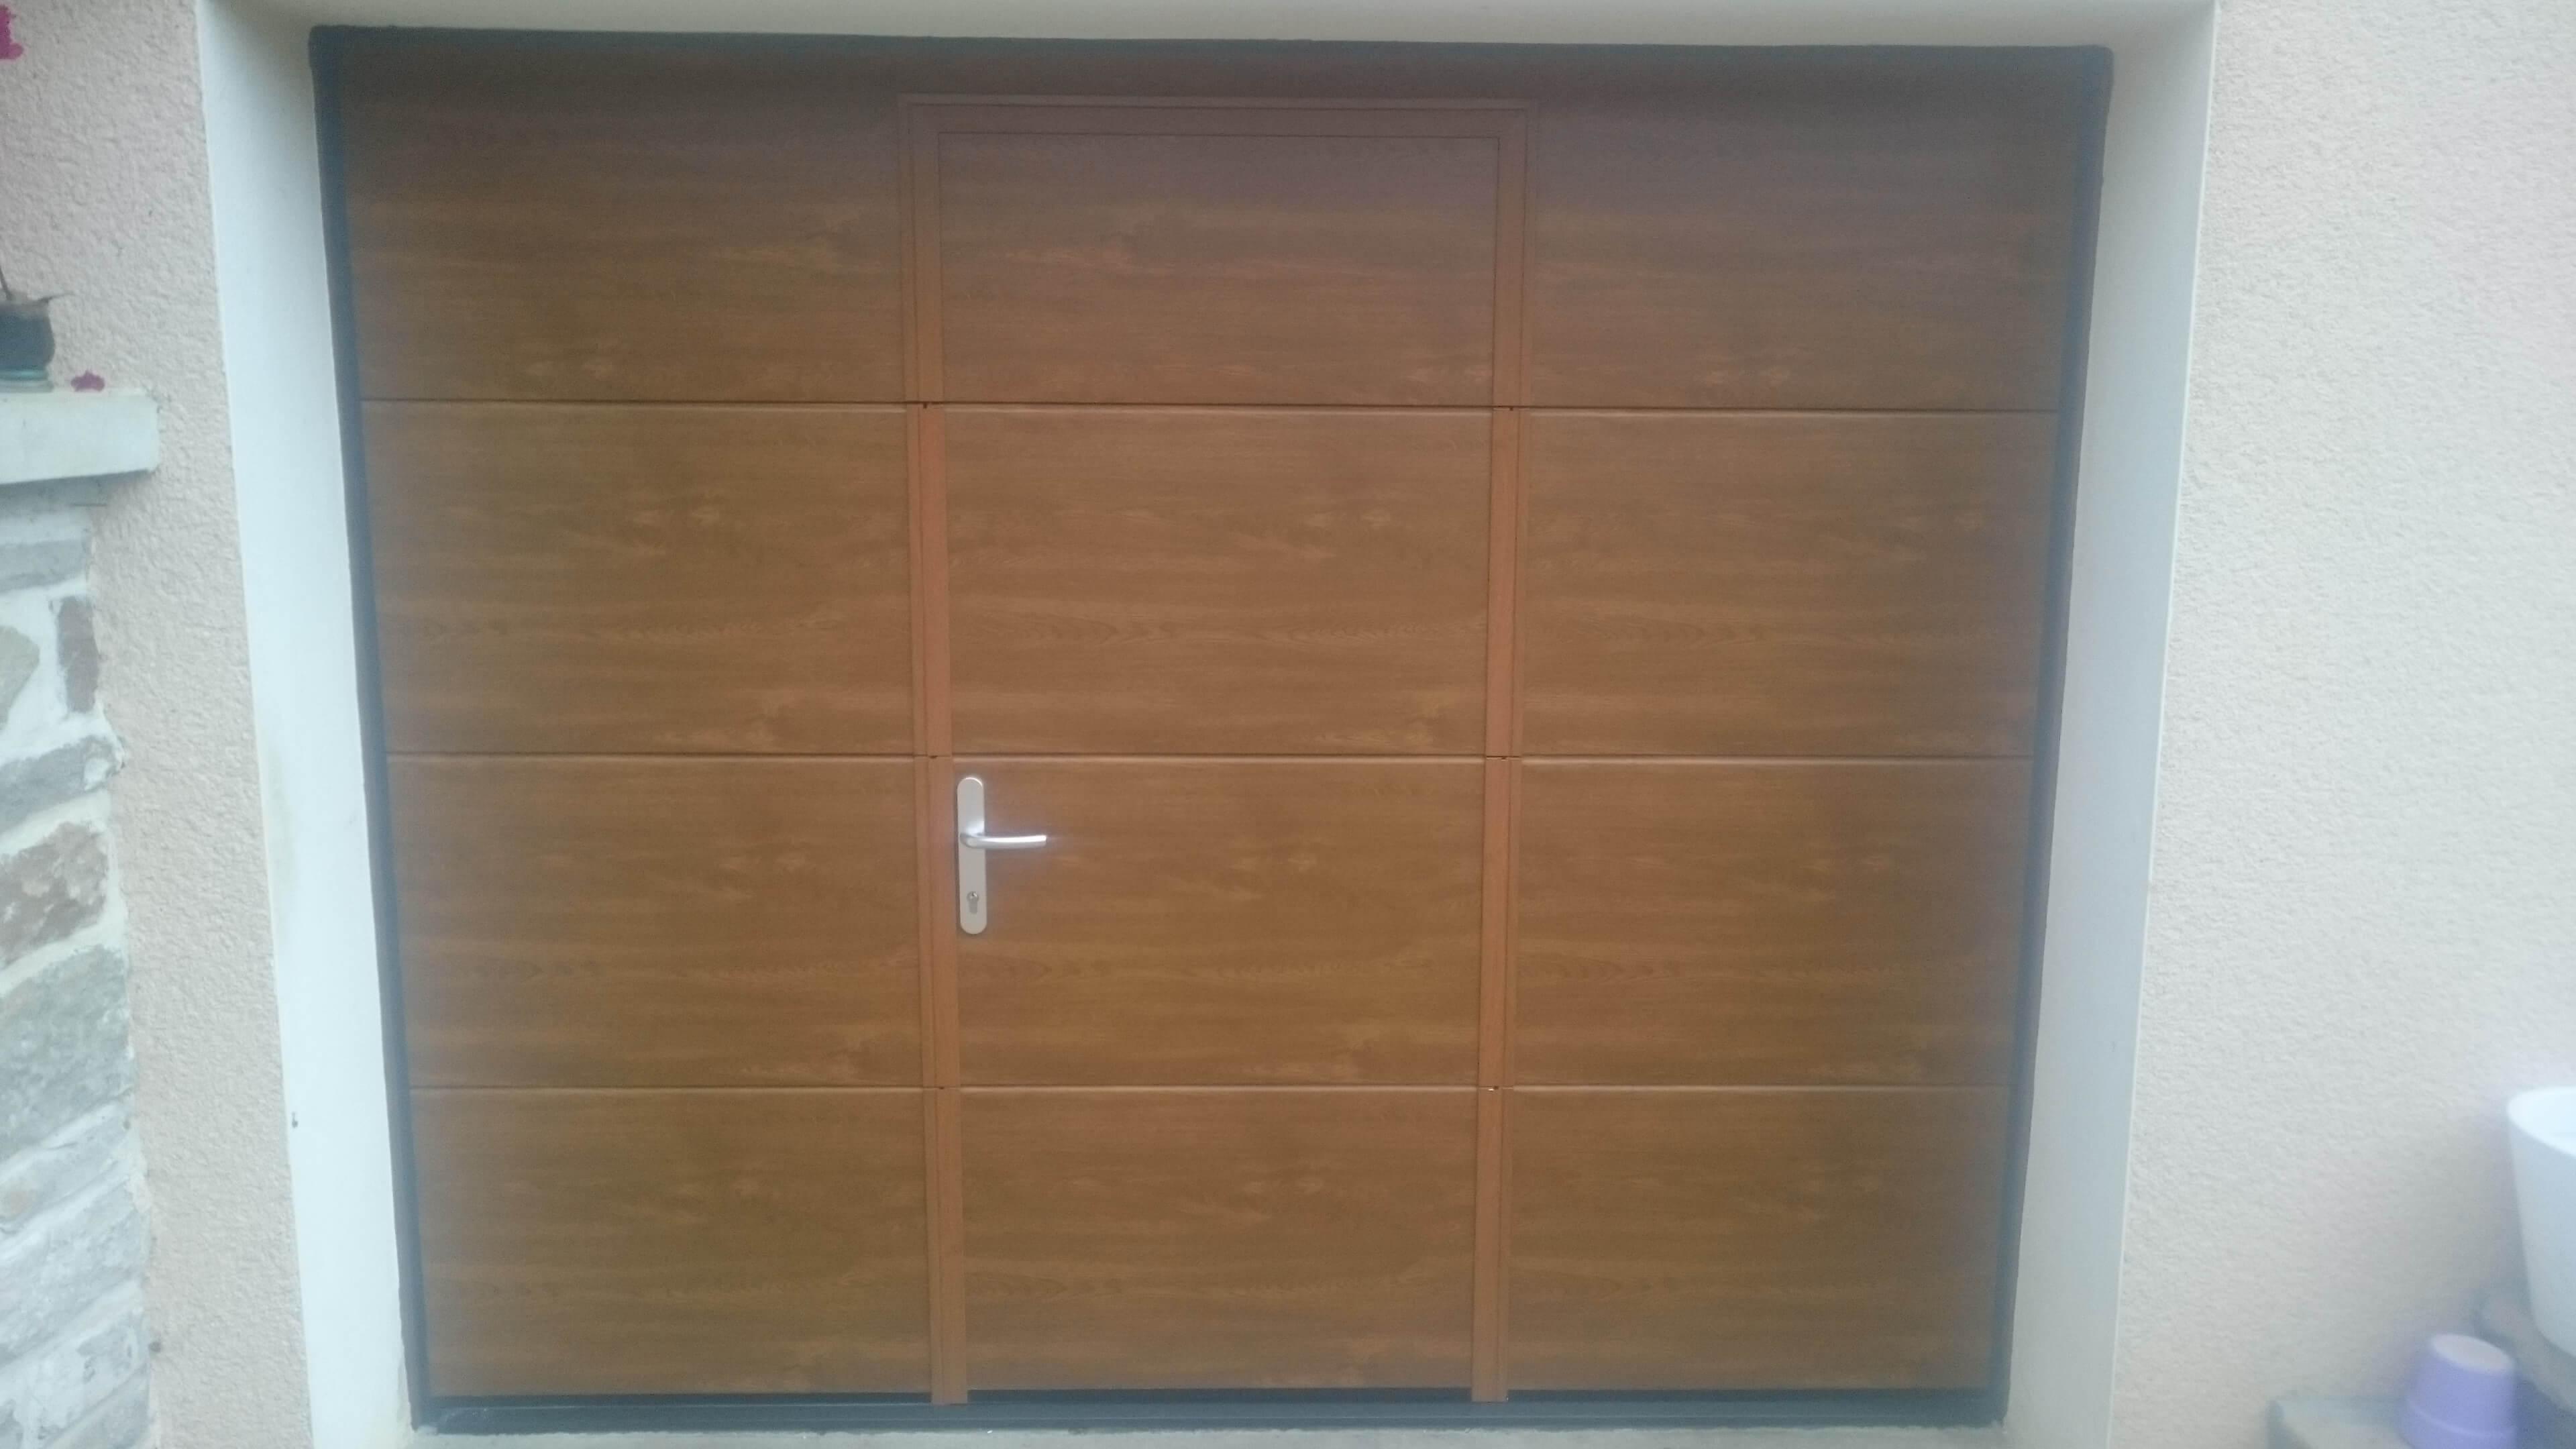 Menuiserie Figard - Fabrication sur mesure - Porte de garage sectionnelle avec hublots - Aluminium -